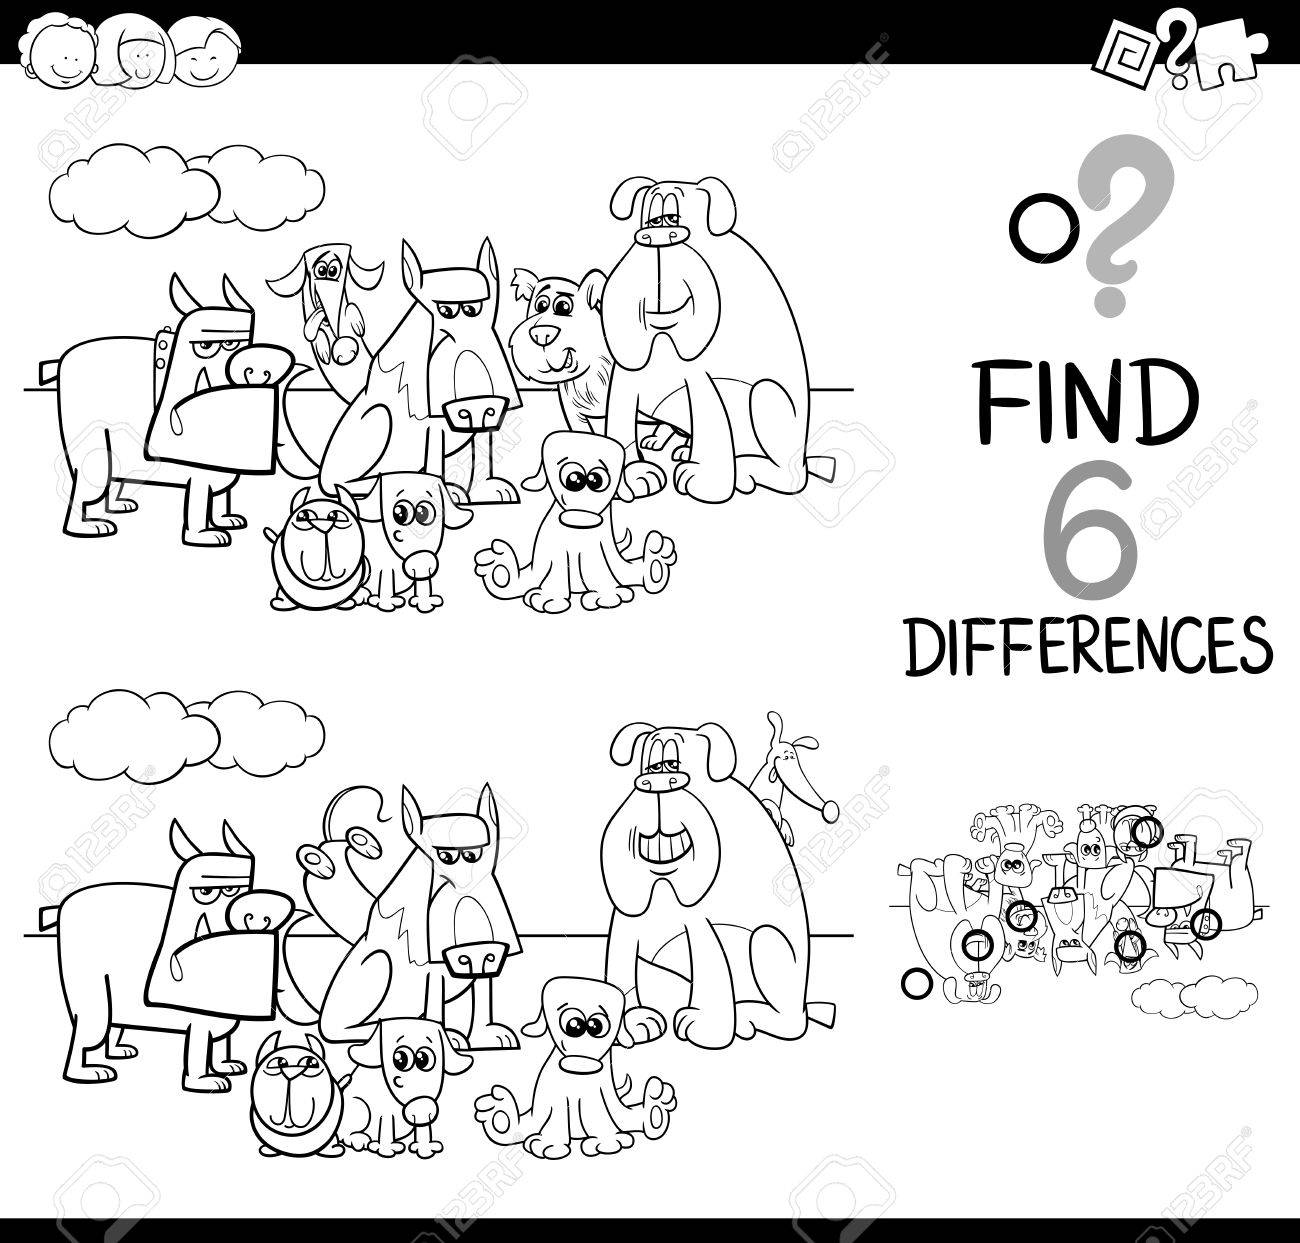 Bianco E Nero Fumetto Illustrazione Di Trovare Differenze Educativo Di Attività Per Bambini Con Personaggi Cani Animali Da Colorare